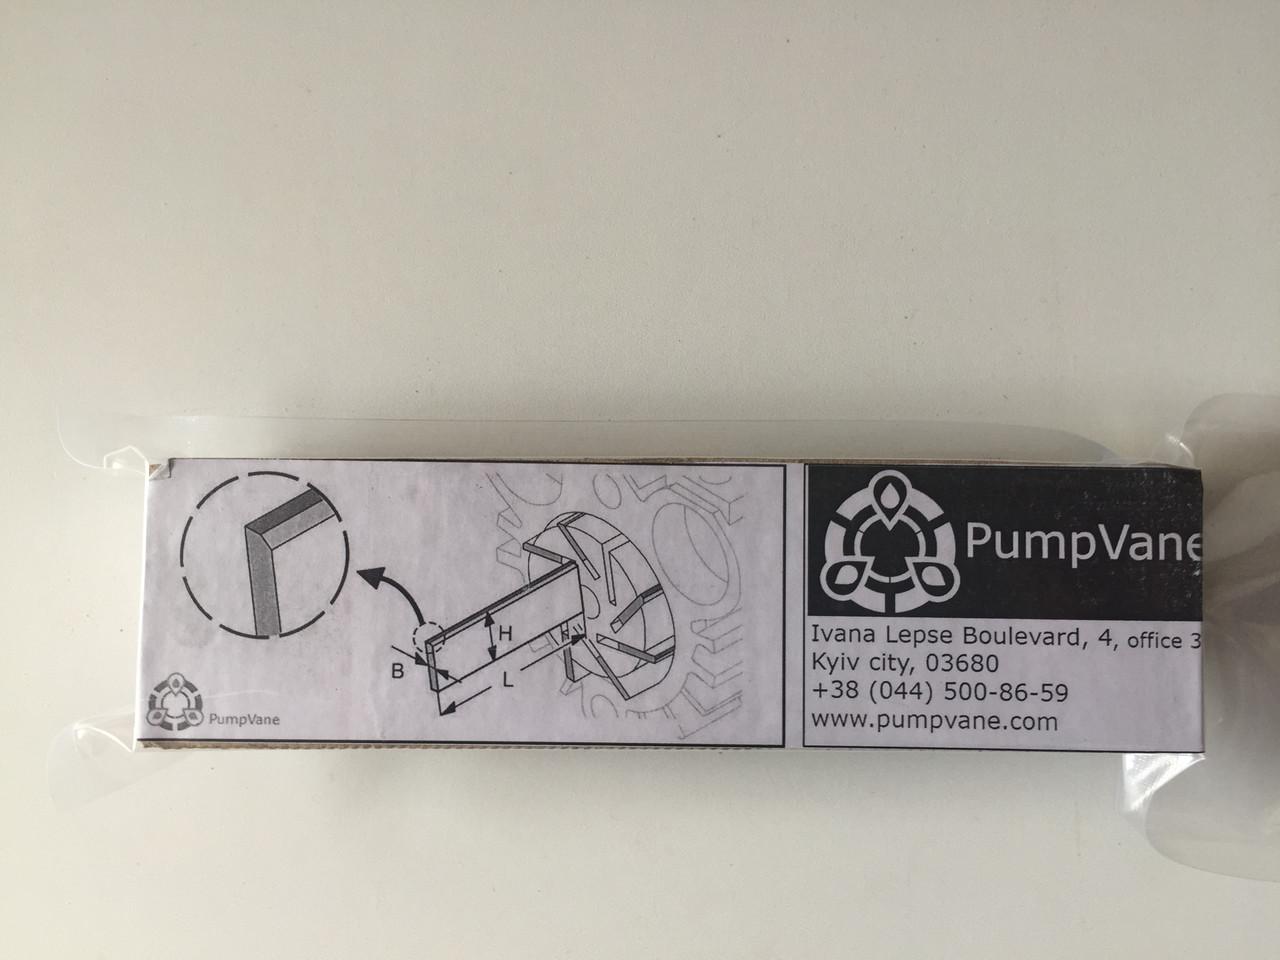 100*29,8*3,75 Лопатка пластиковая для вакуумного насоса Лопатки для Busch R5 0025 722000270